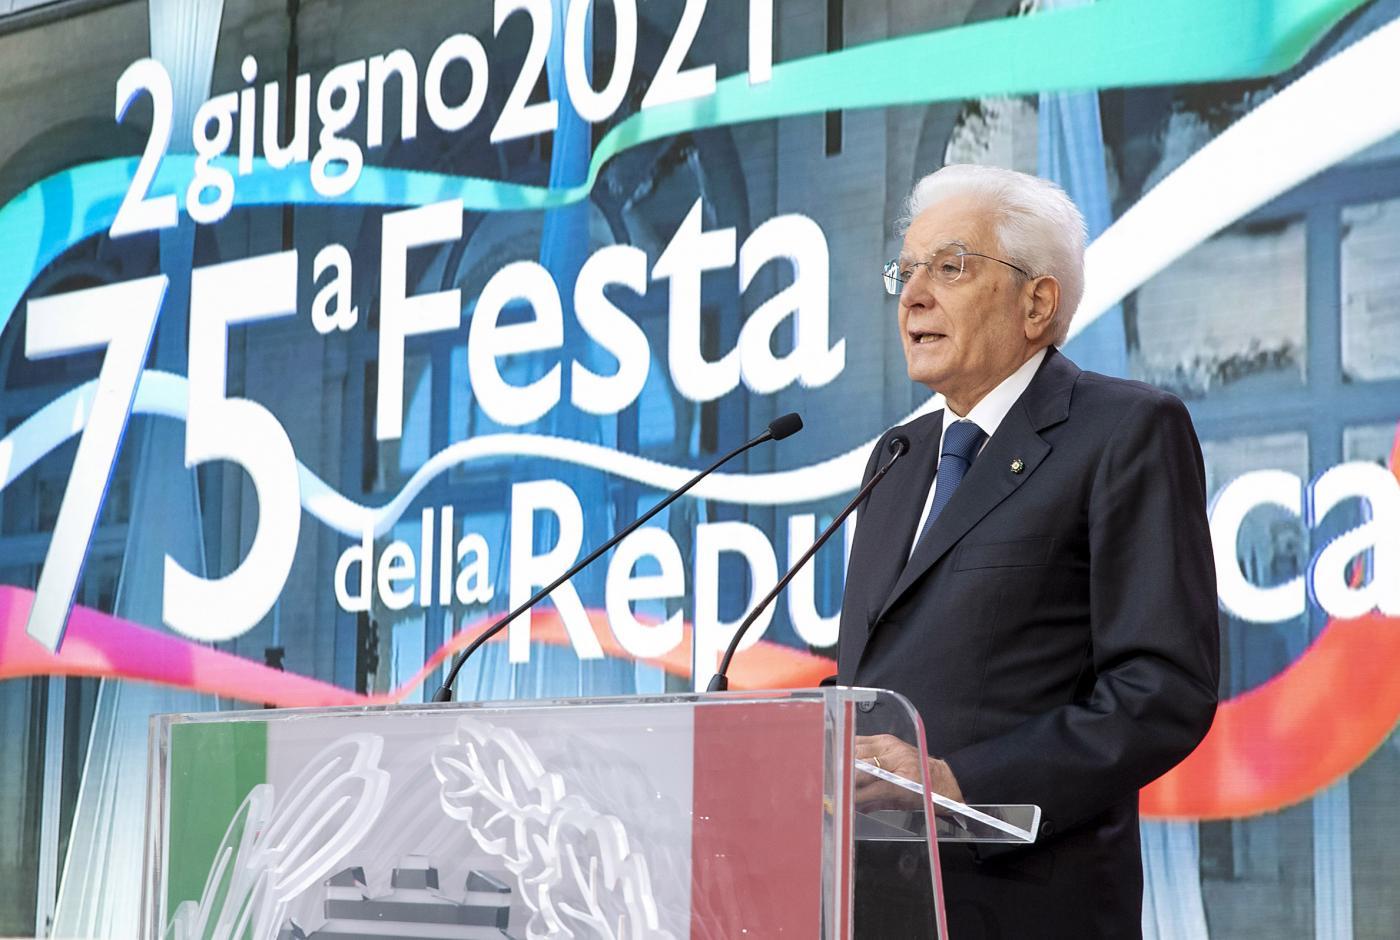 Mattarella e la Festa della Repubblica (ma solo delle donne)